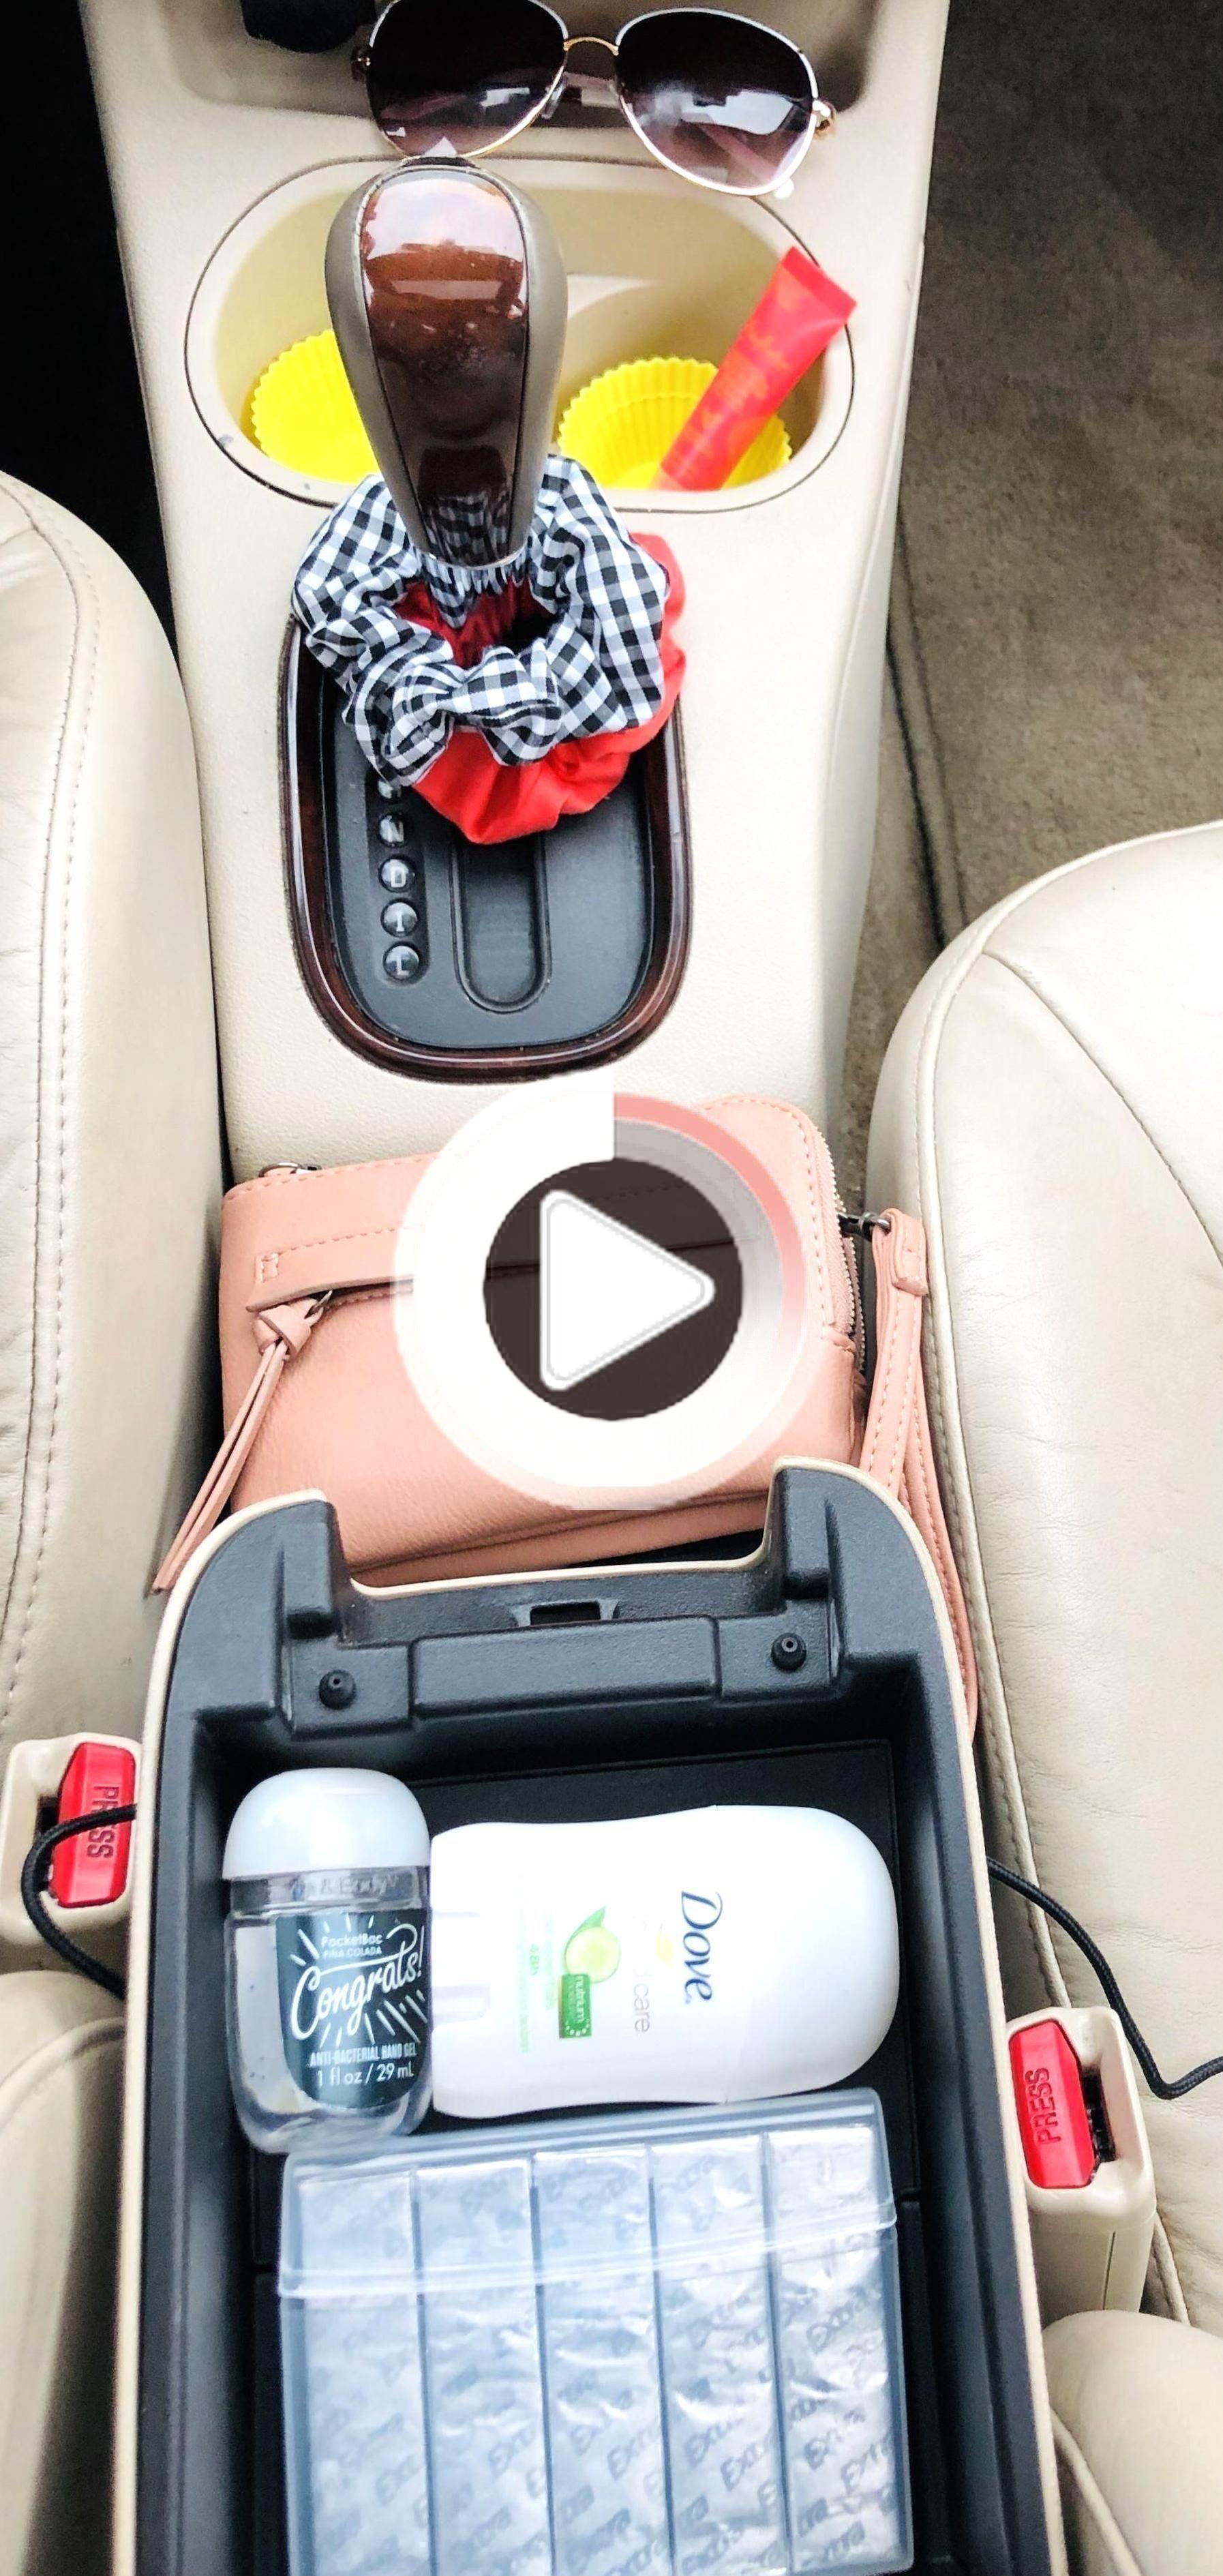 """Kaufen Sie dieses von """"FIAT 500 Abarth - Süßes kleines italienisches Stadtauto"""" inspirierte Kunstwerk als Aufkleber, iPhone-Hülle, iPad-Hülle, Decke, Kissen, Untersetzer, Tasche, T-Shirt, Kleid, Hoodie, Notizbuch, Postkarte, Becher, Reißverschlusstasche , Kunstdruck sowie viele andere Produkte. / Schauen Sie sich auch unsere sozialen… • Millionen einzigartiger Designs von Indep"""